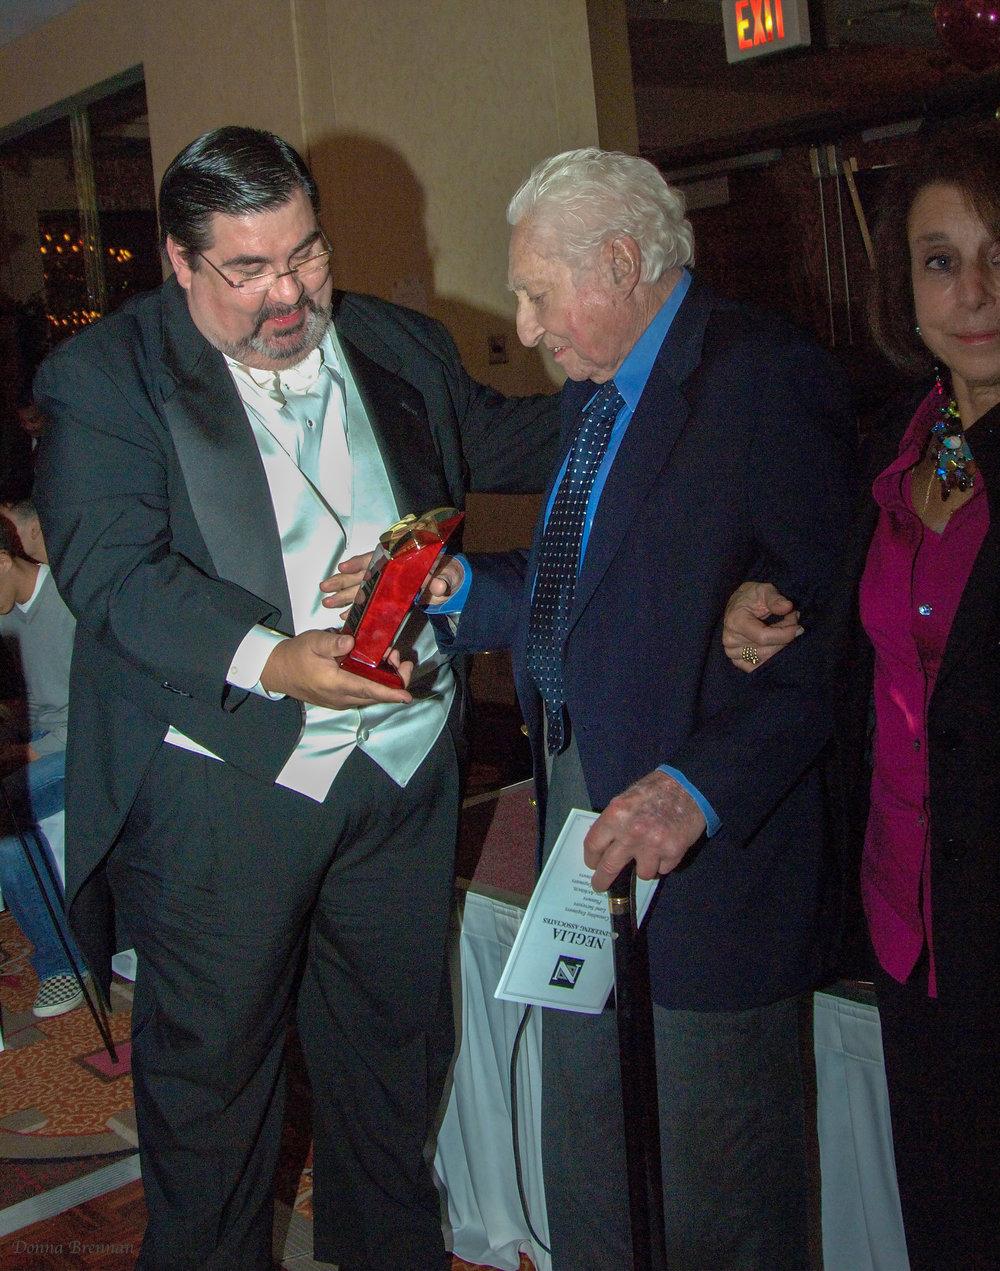 Nelson givng award Sculberg.jpg